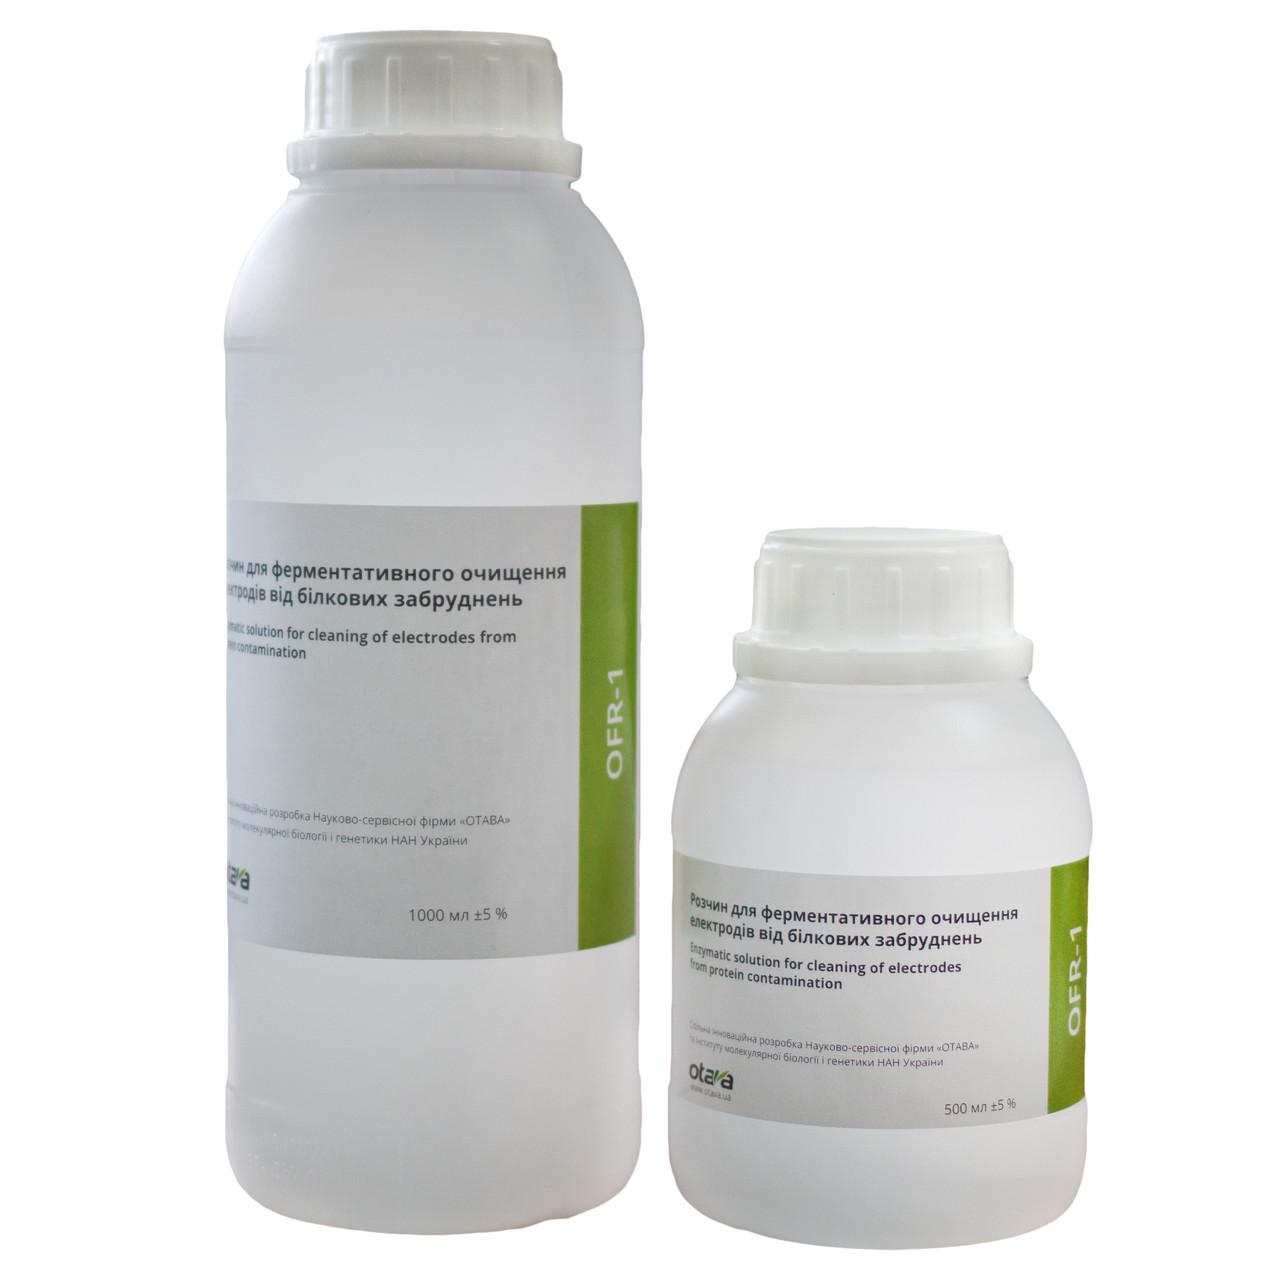 Розчин для ферментативного очищення електродів від білкових забруднень OFR-1